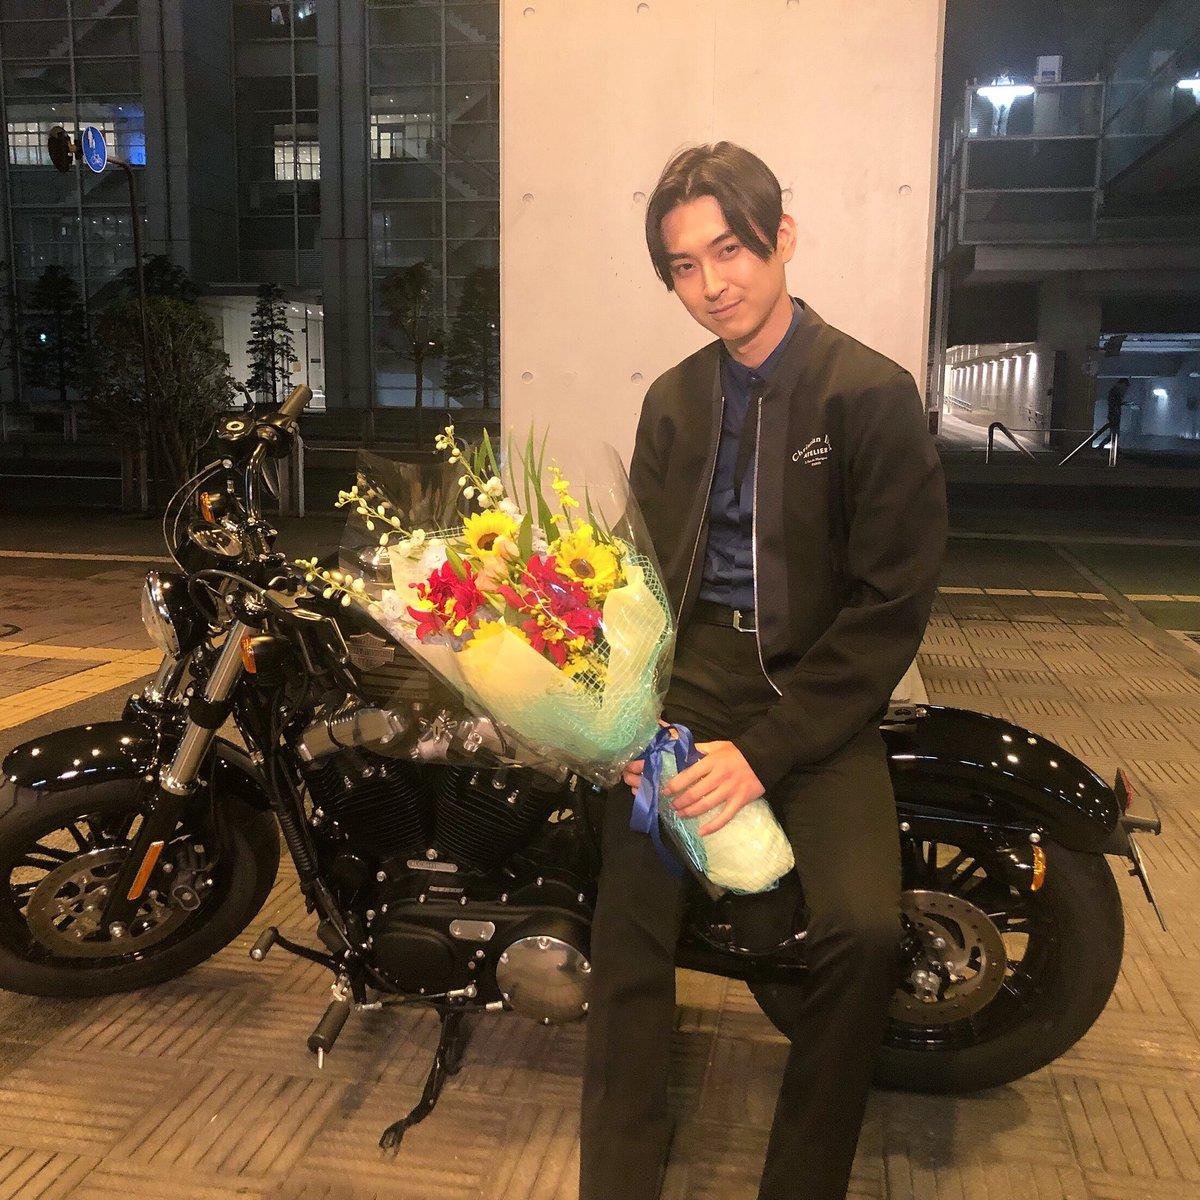 【公式】🌸6/26(火)22時〜最終回OA🌸「花のち晴れ〜花男 Next Season〜」さんの投稿画像